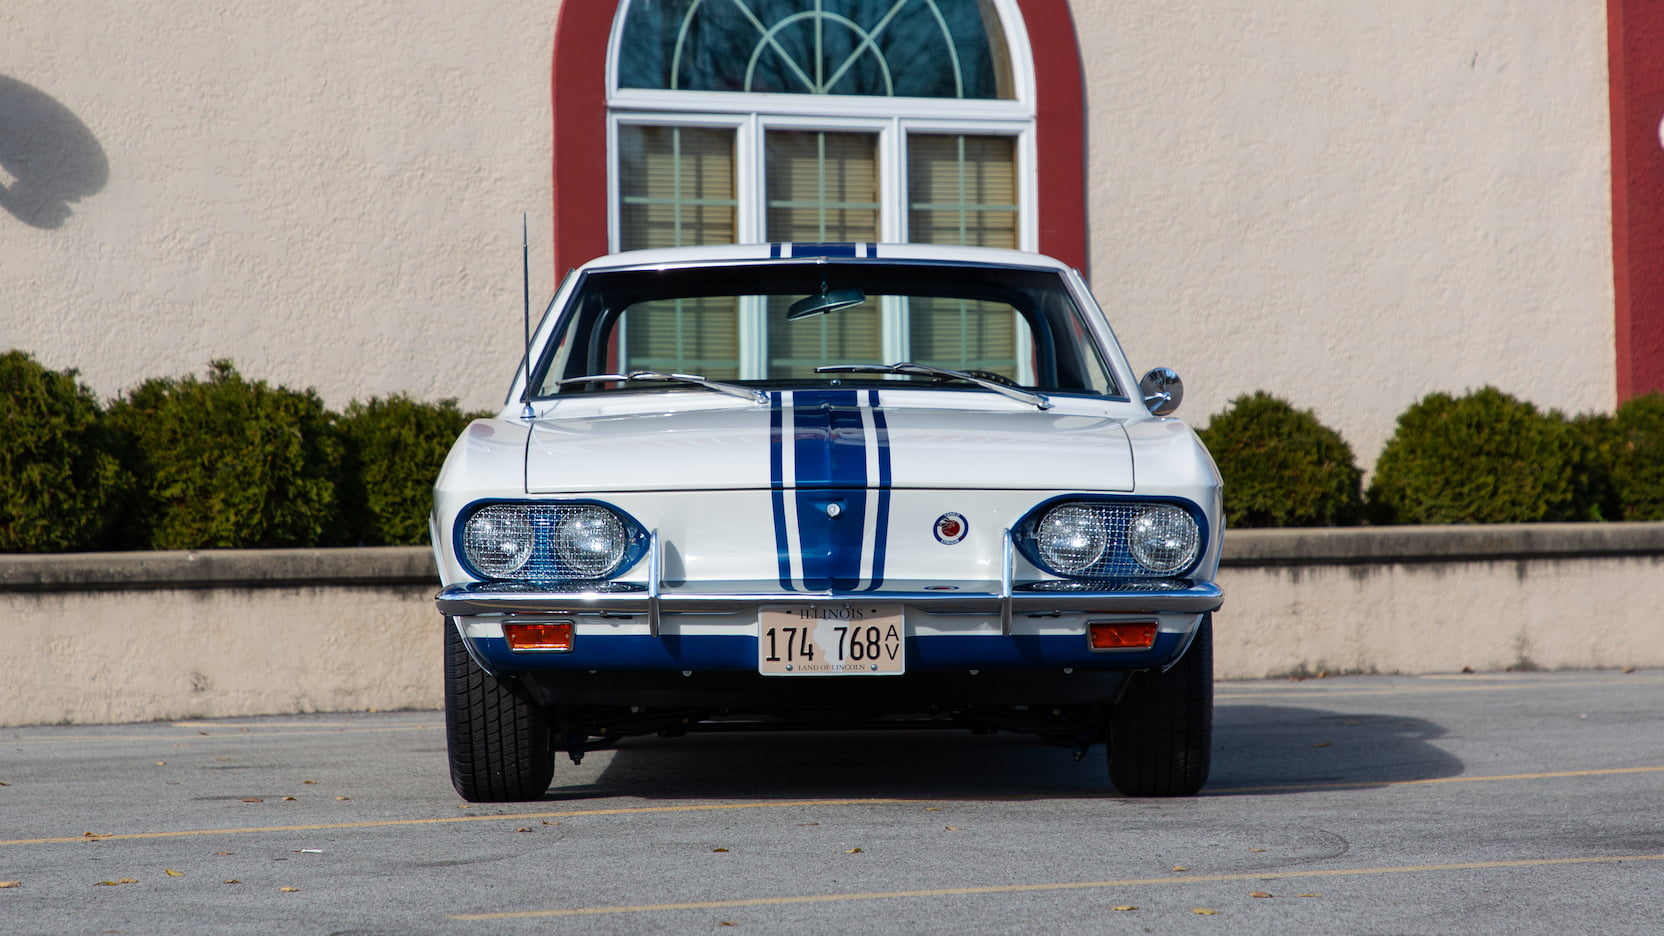 1966 Chevrolet Yenko Stinger front